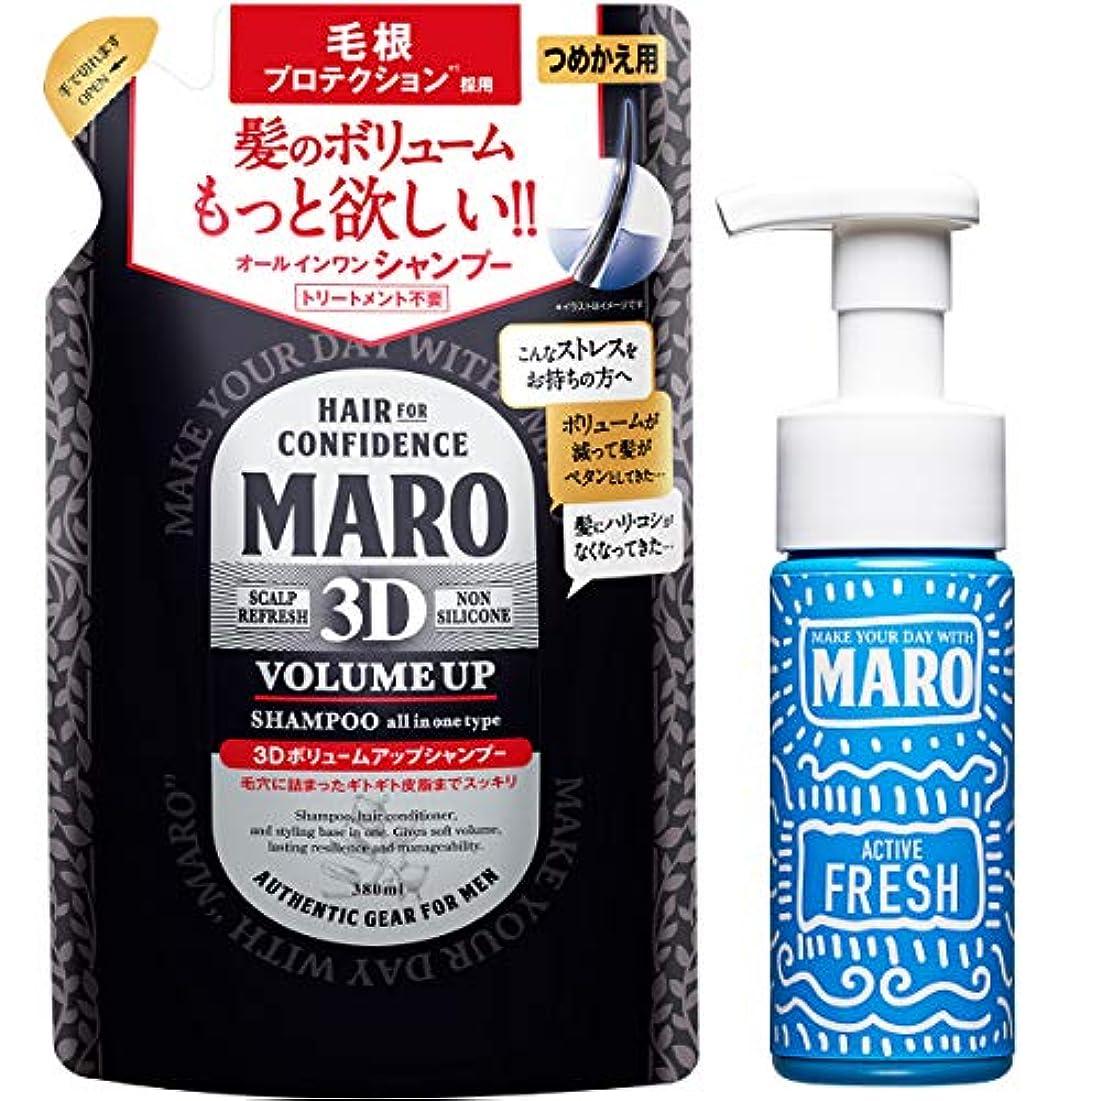 基準ピラミッド情緒的MARO(マーロ) 3Dシャンプー 泡洗顔付き セット 380ml+150ml